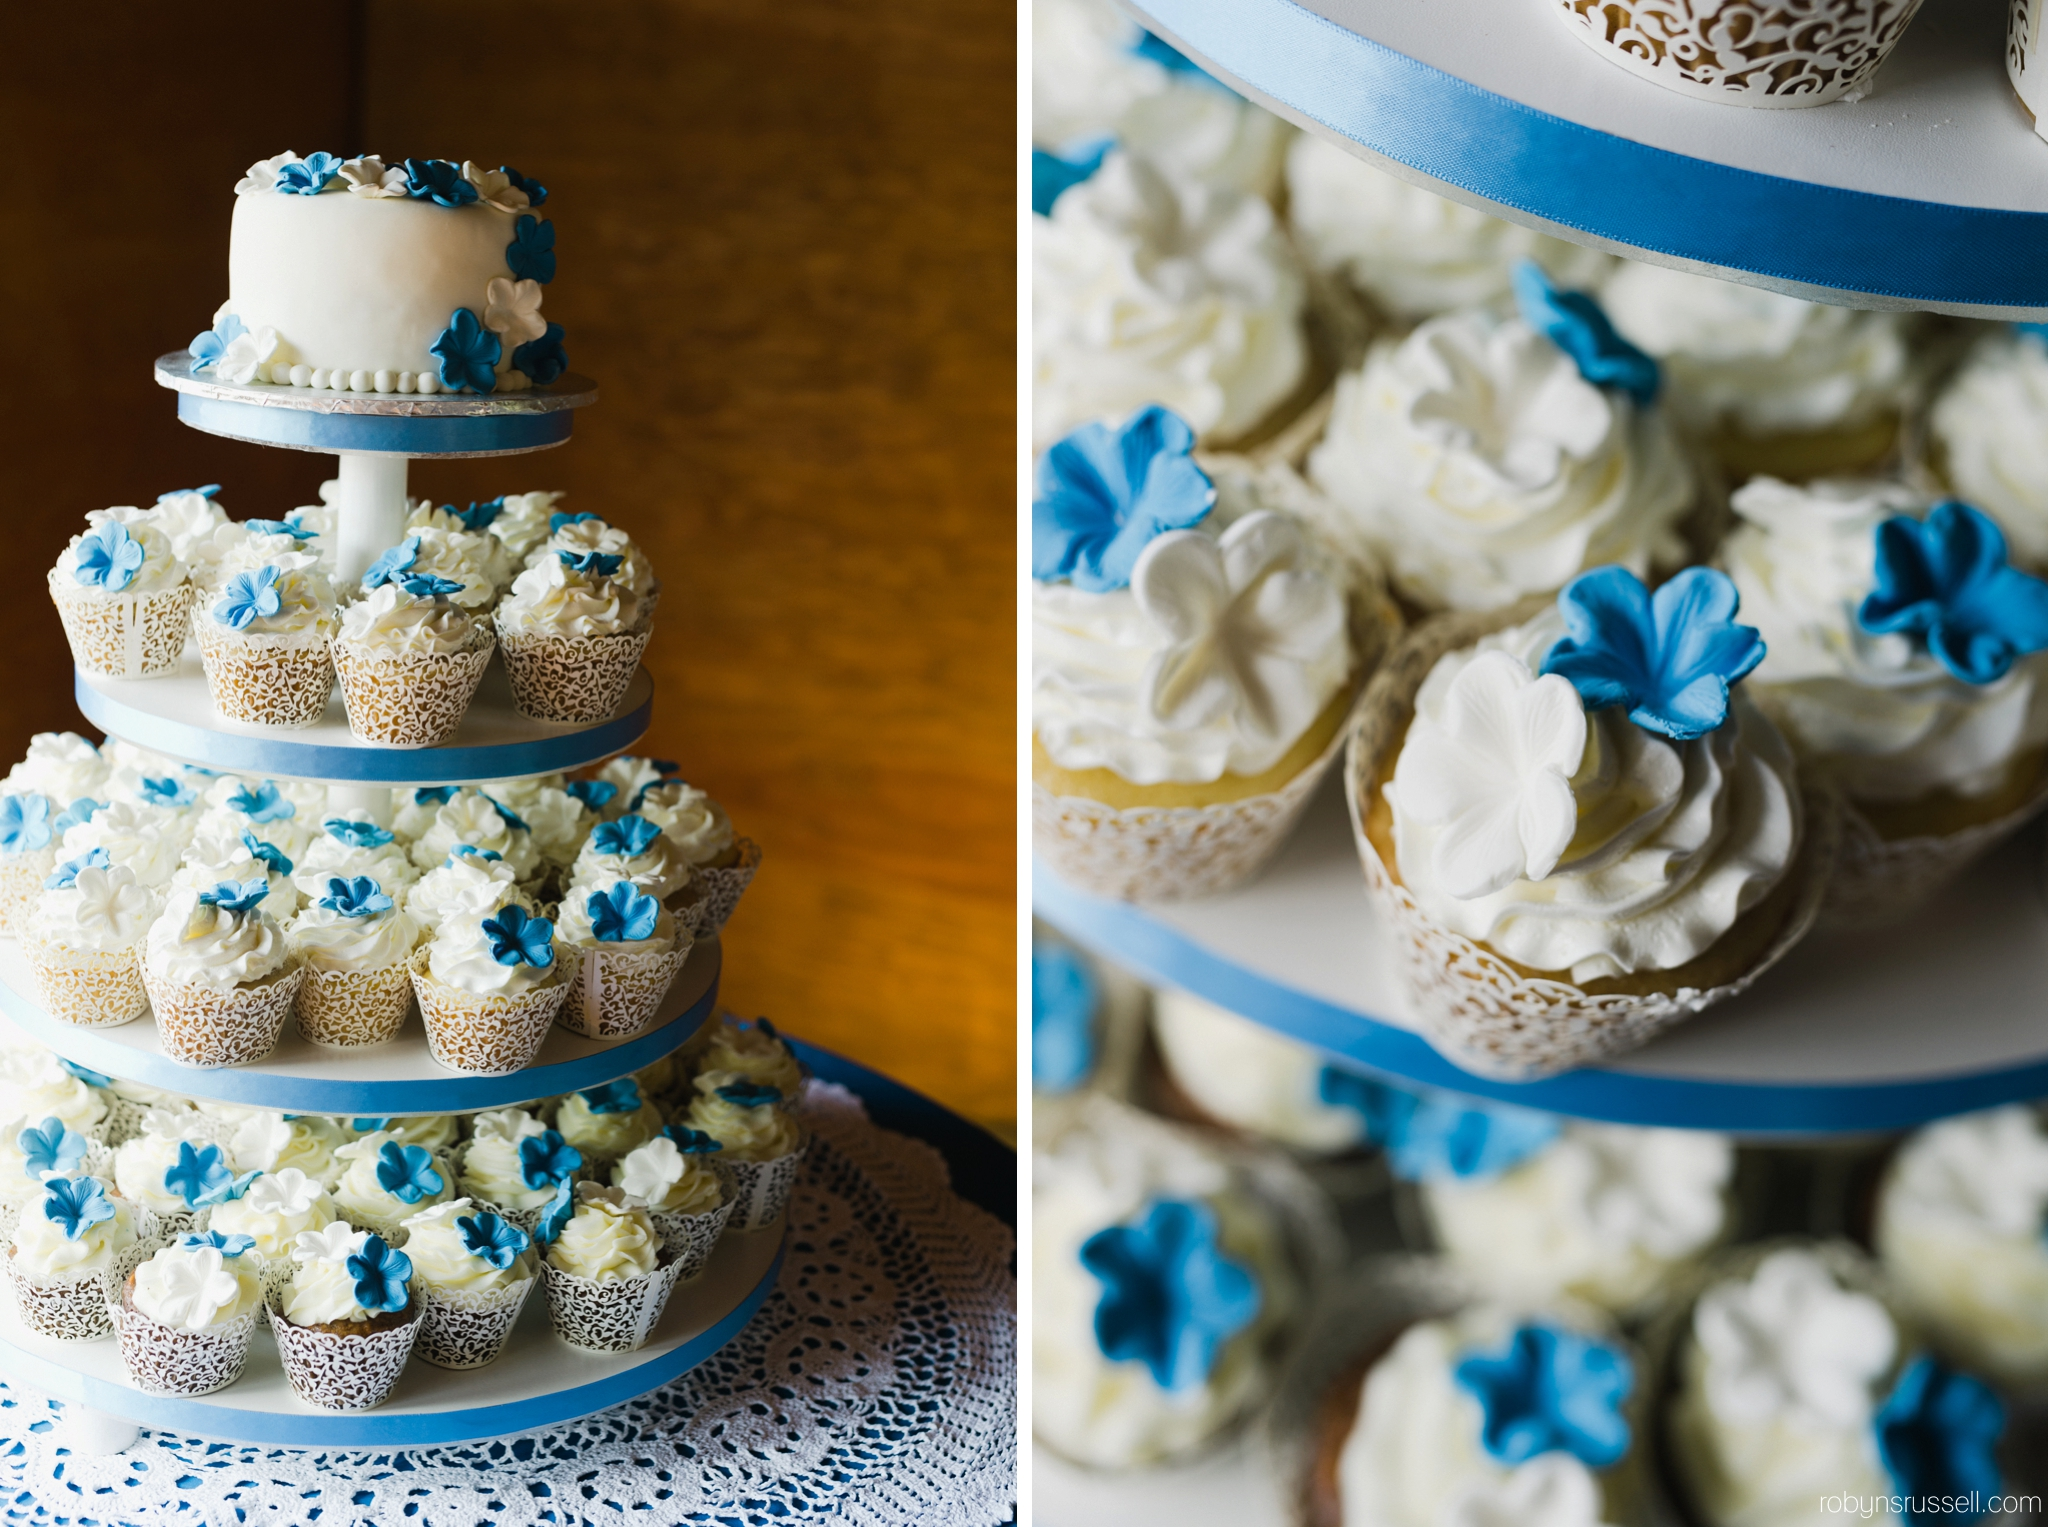 46-wedding-cake-at-belwood-lake.jpg